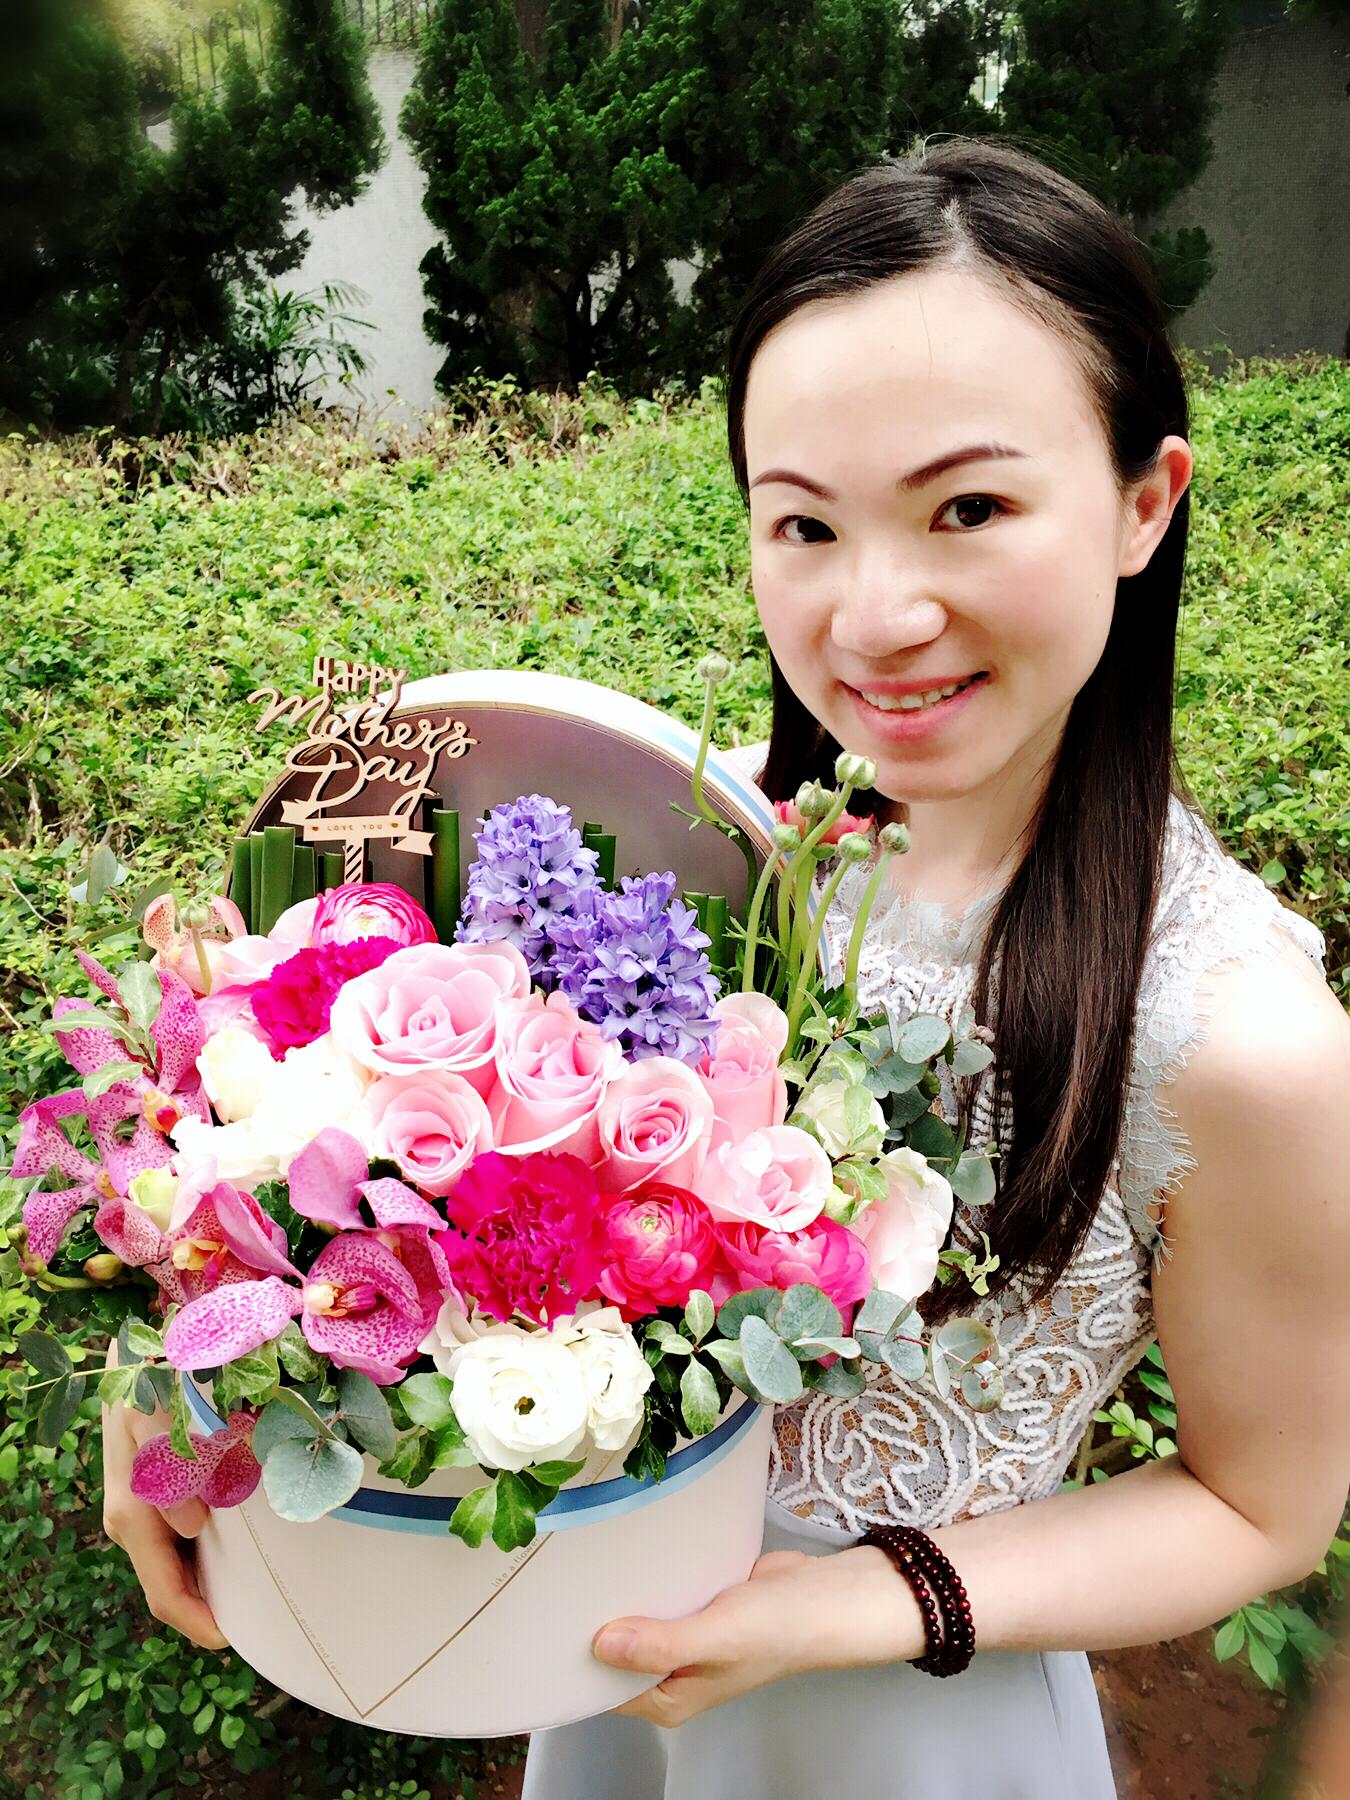 母親節送禮首選尚禮坊康乃馨花束 母親大人甜在心頭!